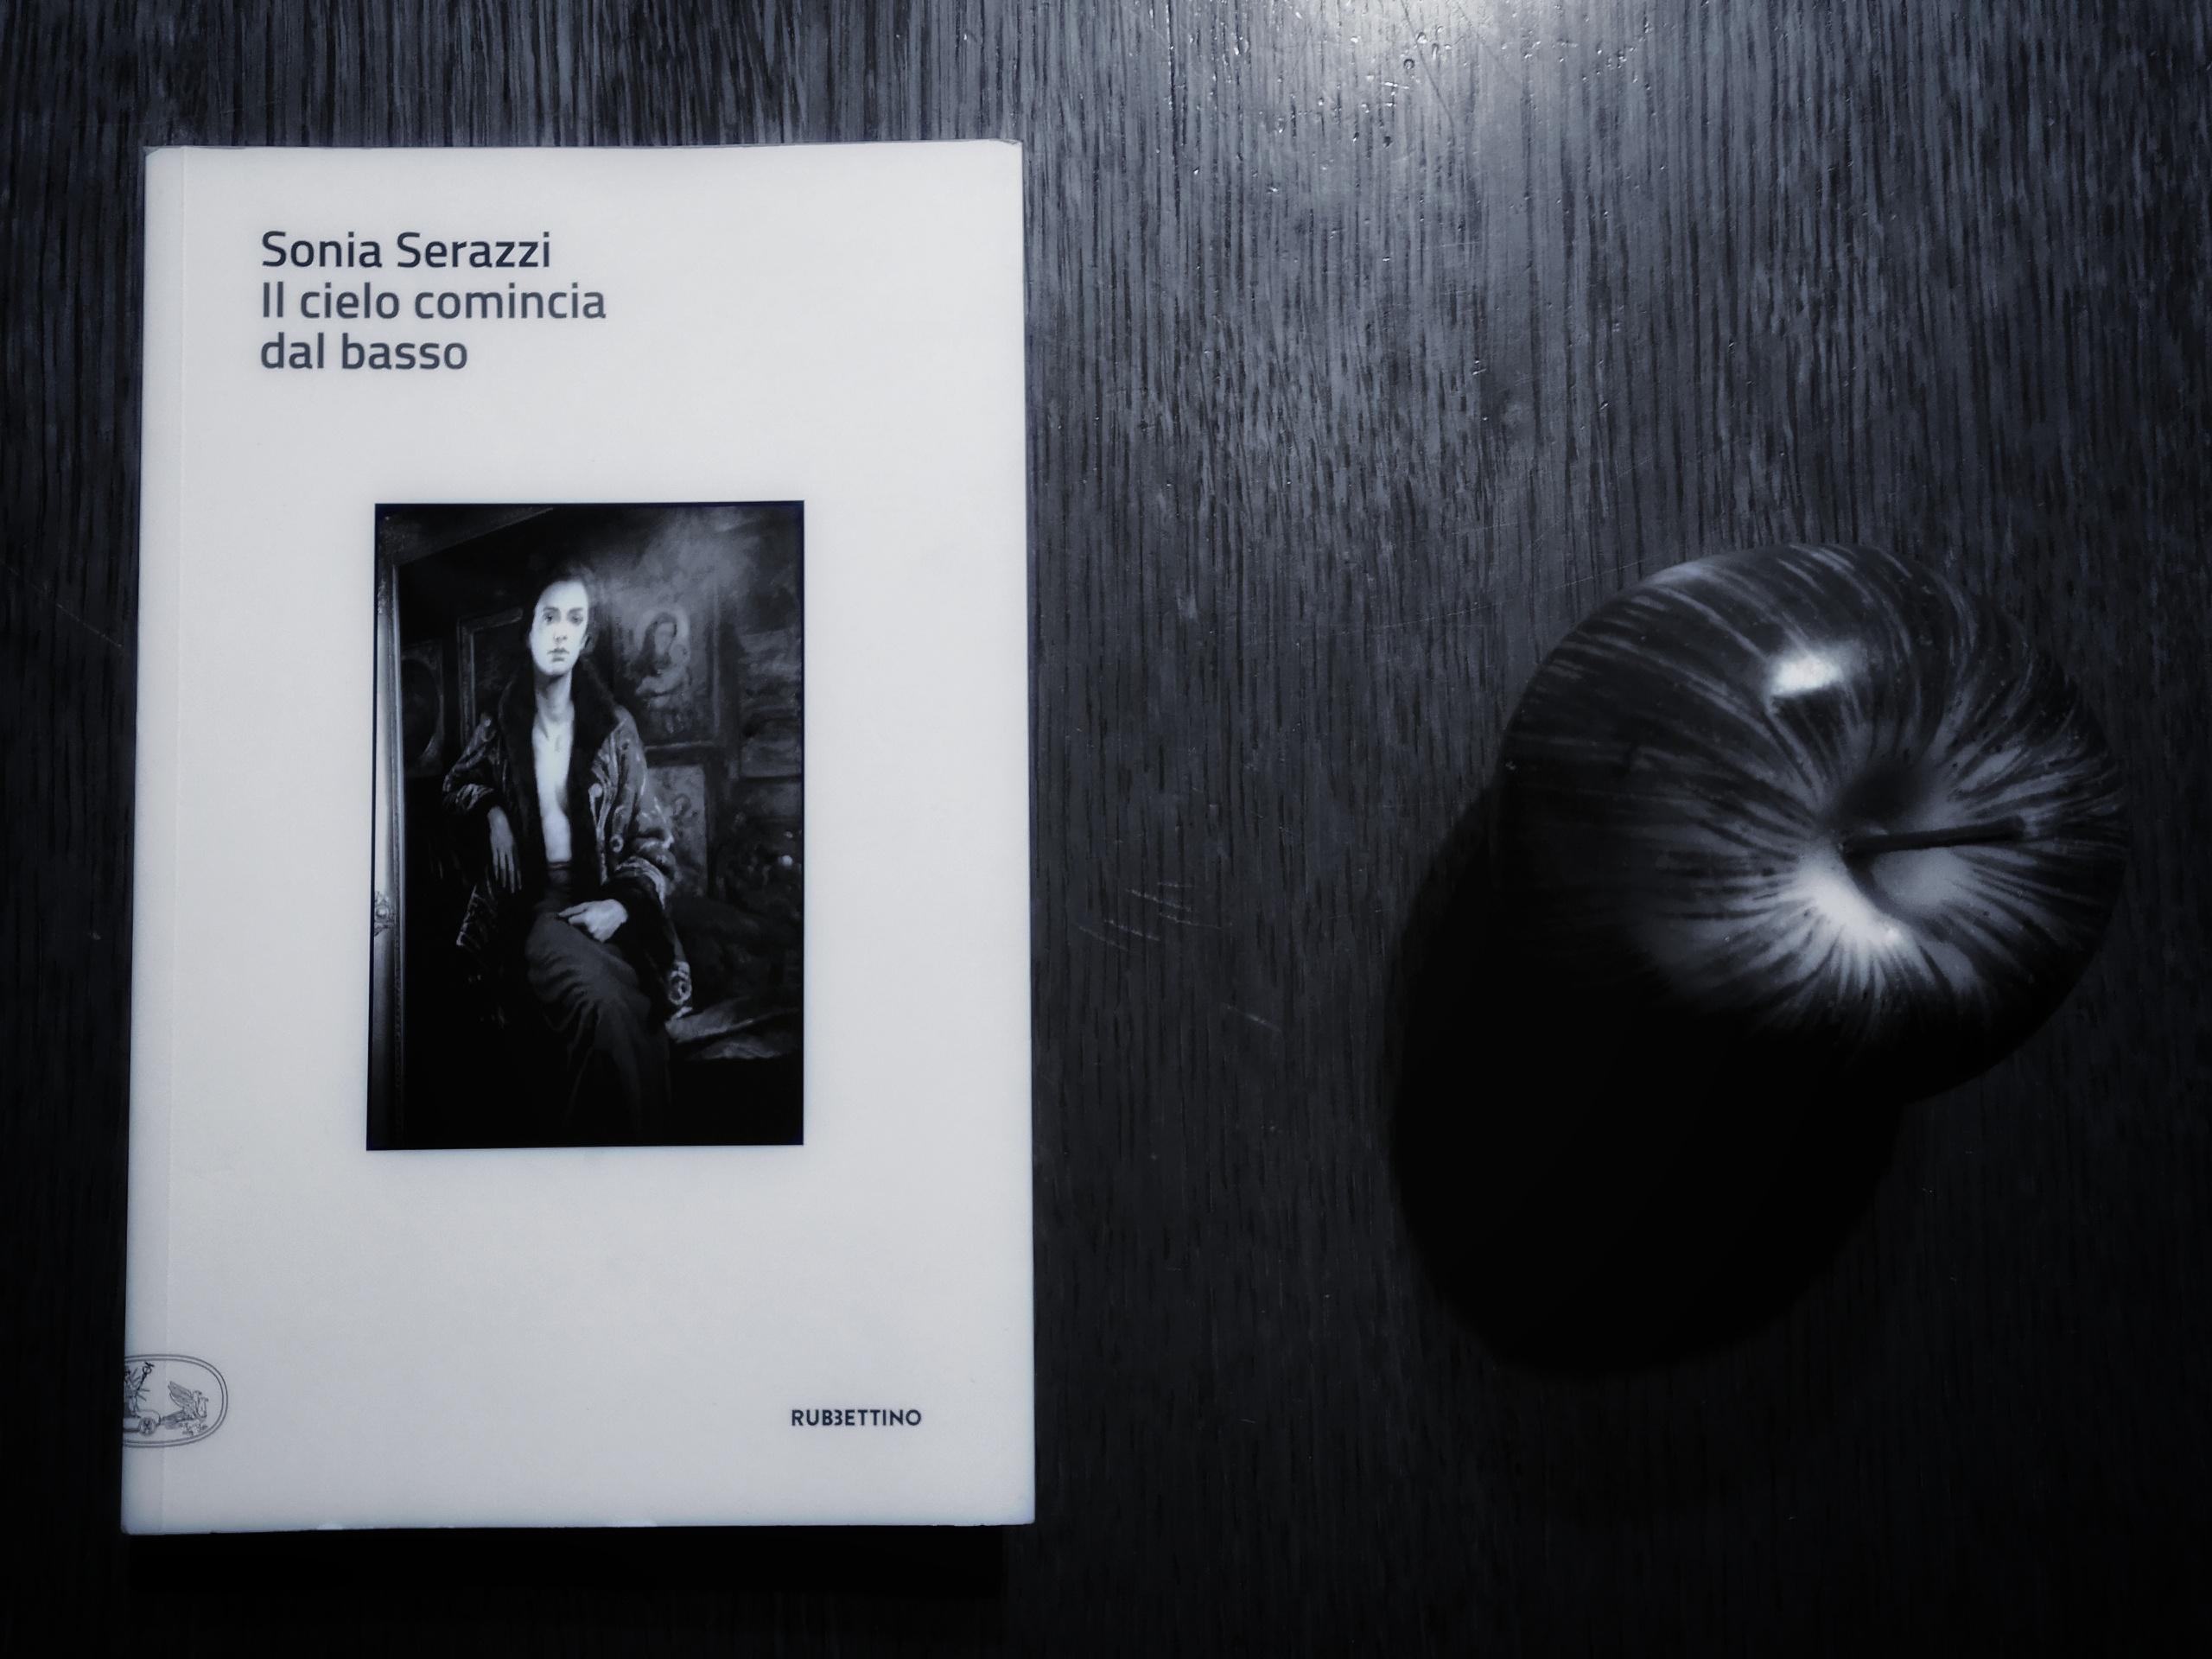 """Il cielo comincia dal basso: il profumo della vita """"normale"""" nel libro di Sonia Serazzi"""